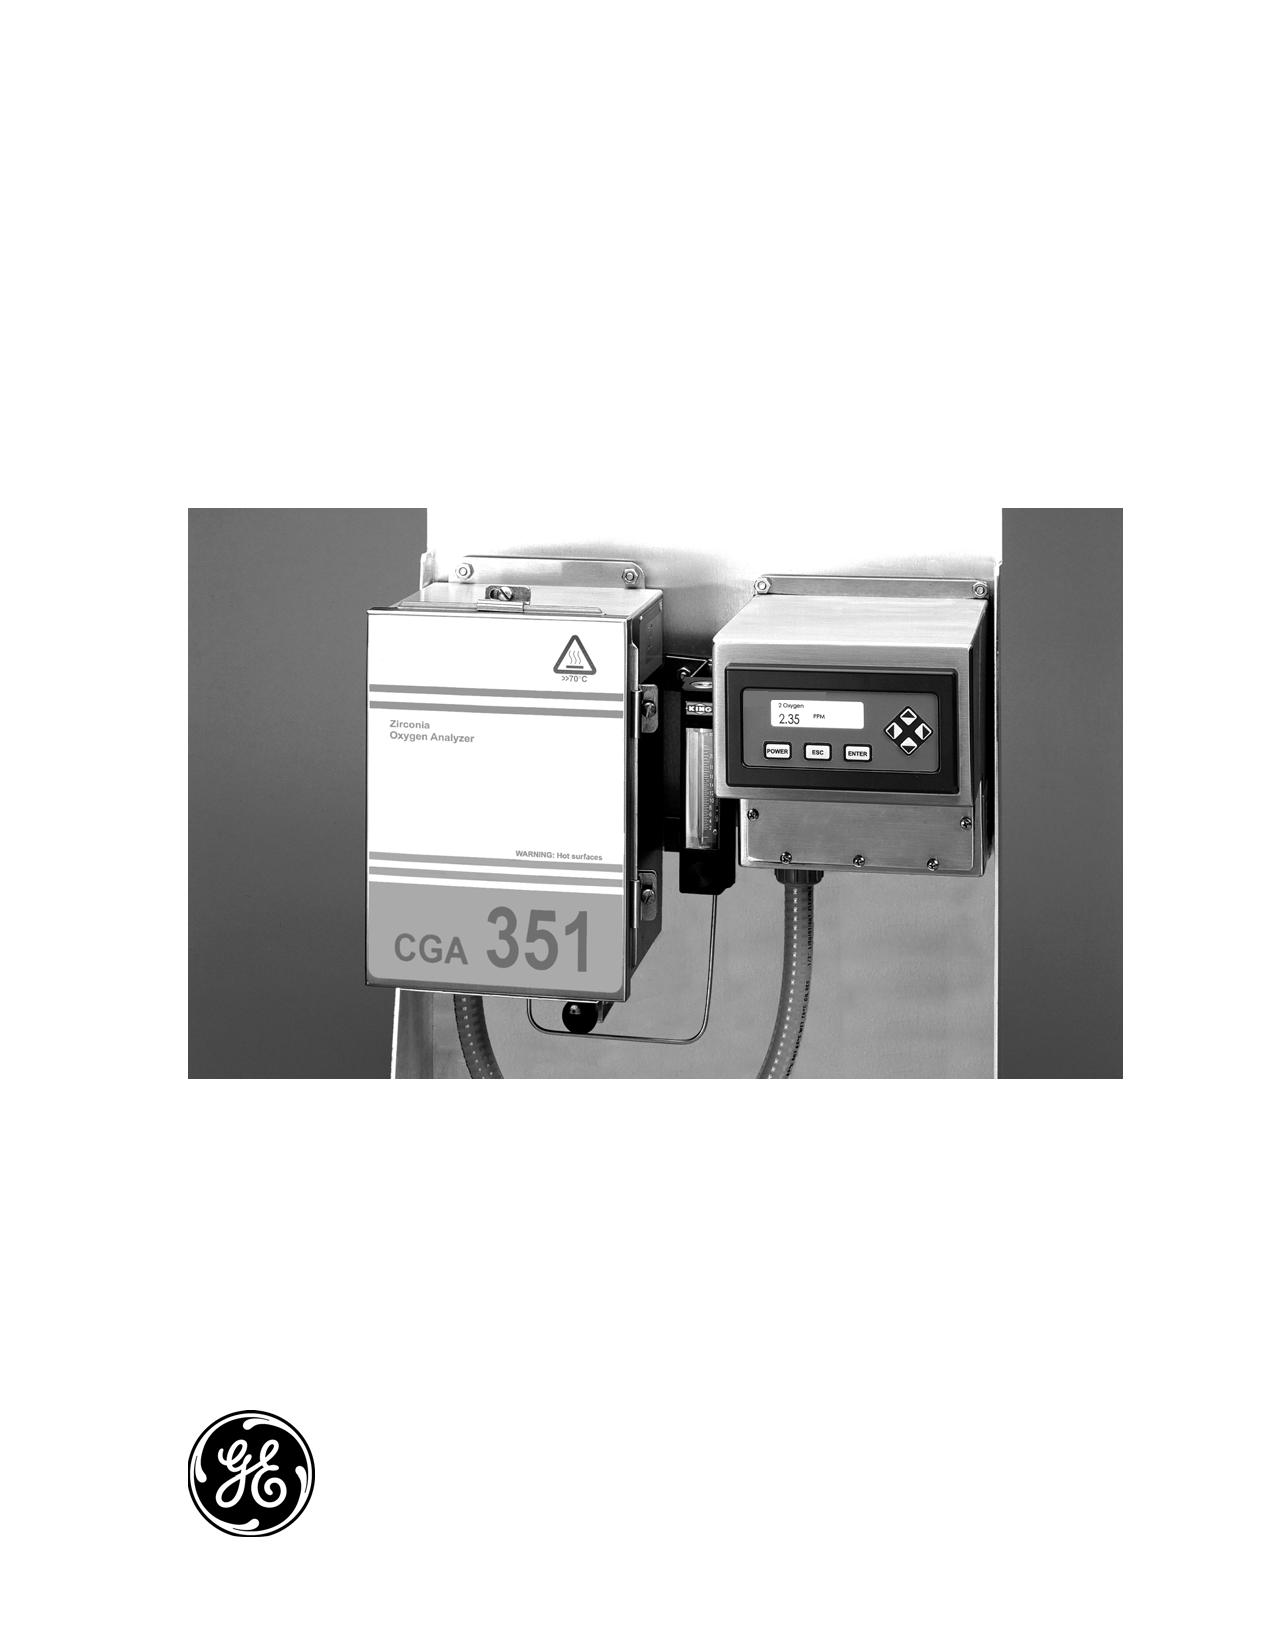 703-1362 دیتاشیت PDF